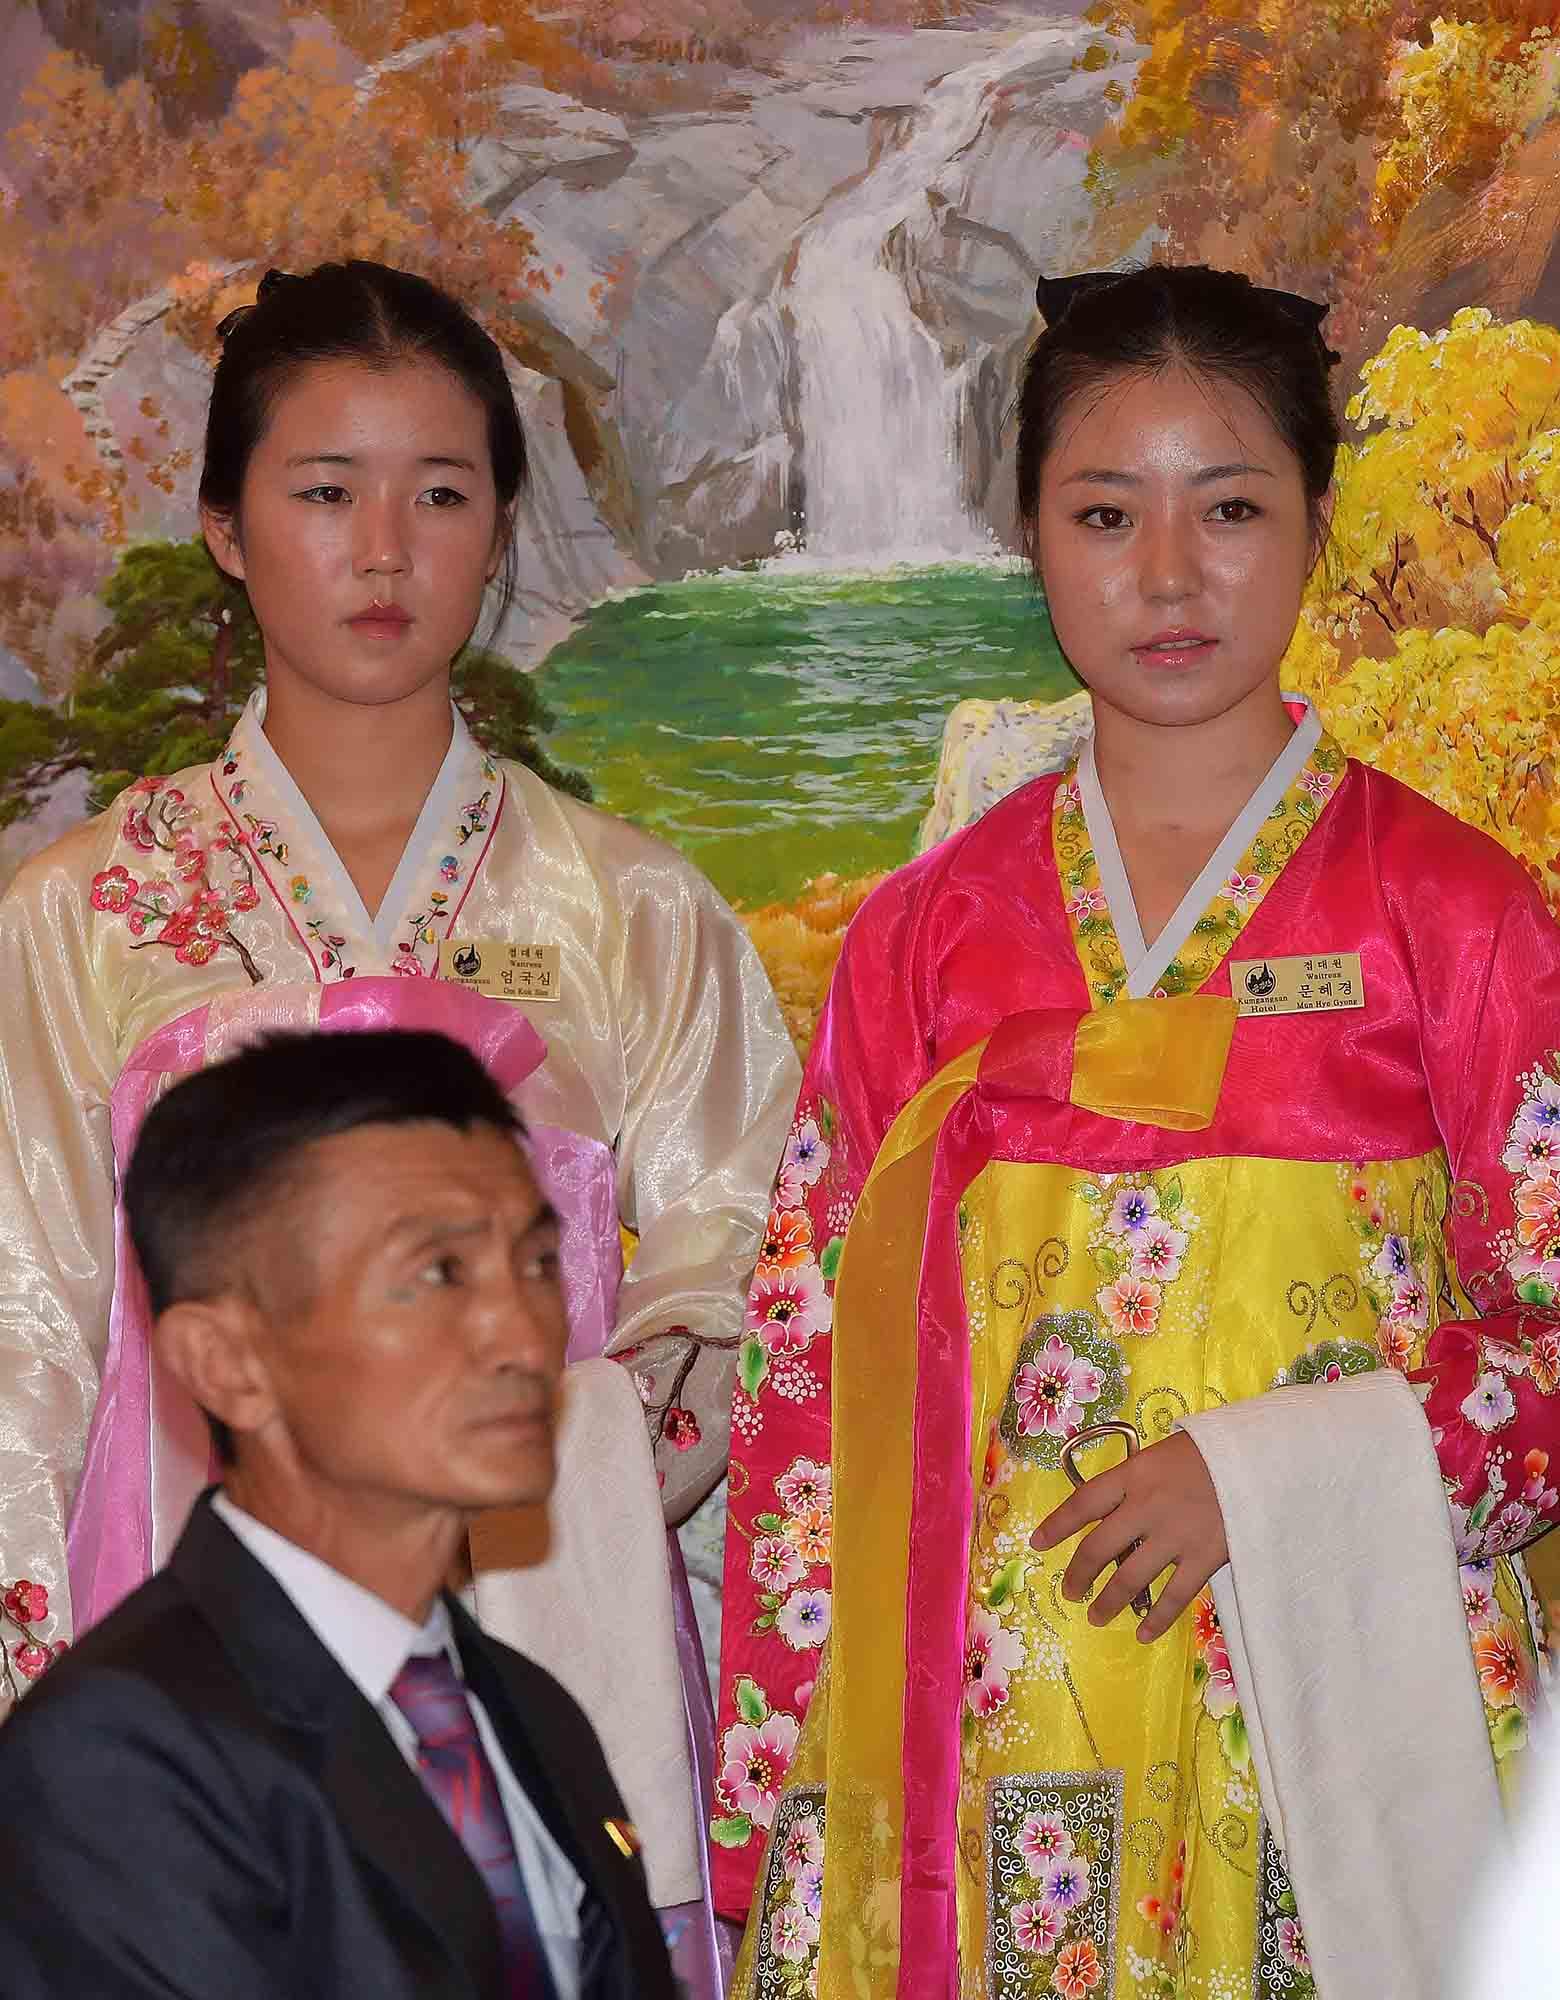 20일 금강산호텔에서 열린 제21차 남북 이산가족 단체상봉 행사에서 북측 봉사원들이 남측 상봉단을 기다리고 있다.사진공동취재단